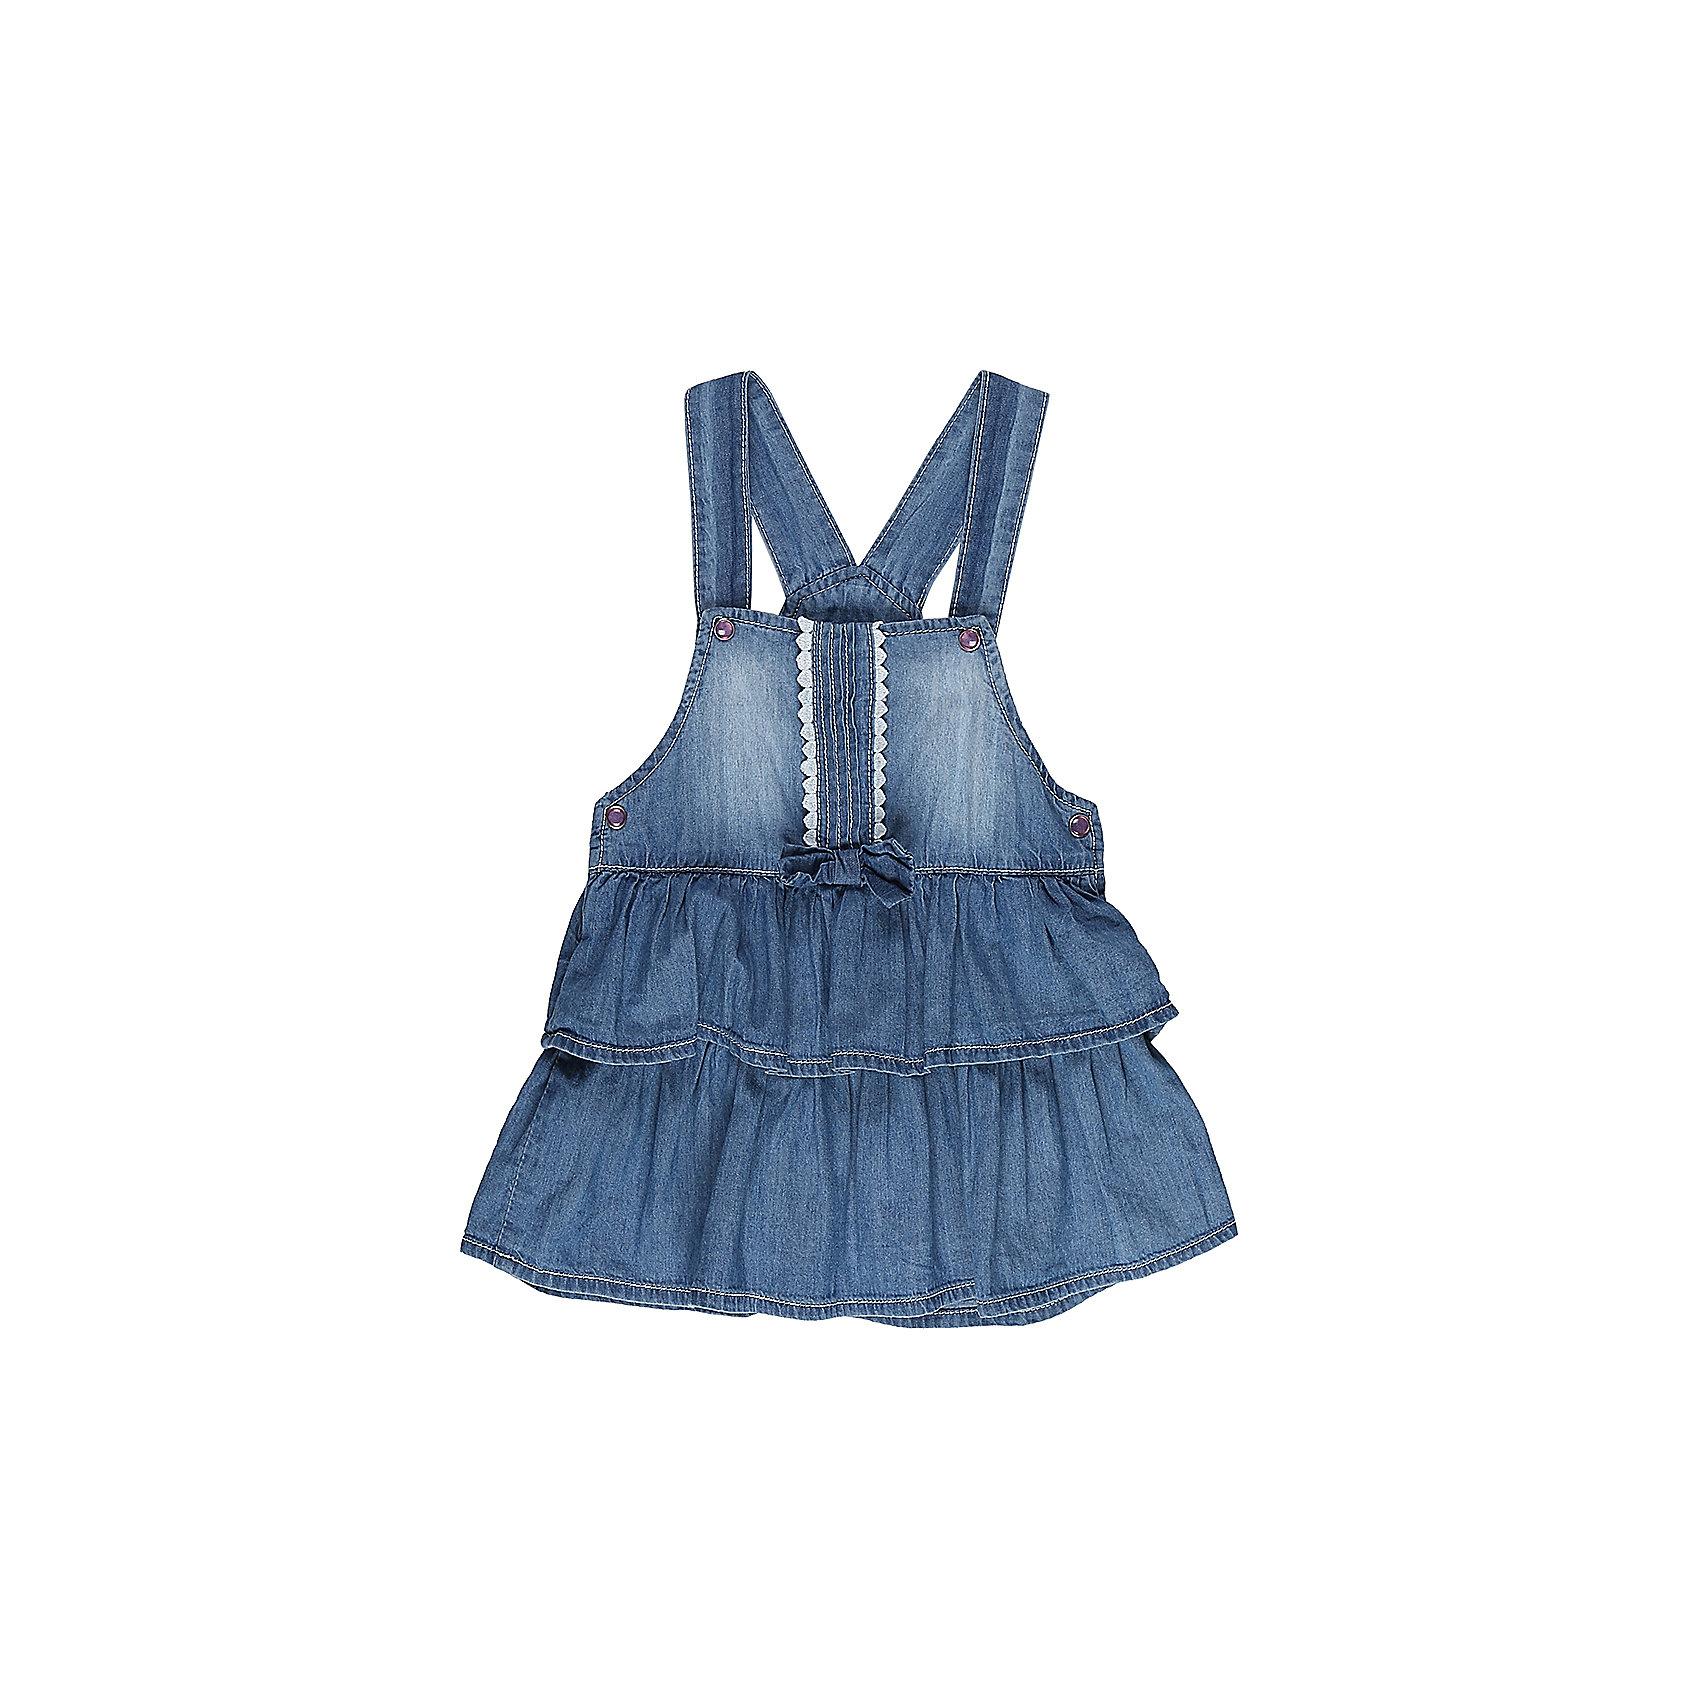 Сарафан джинсовый для девочки Sweet BerryДжинсовая одежда<br>Модный сарафан для девочки из тонкой хлопковой ткани под джинсу. Декорирован двумя большими воланами по низу изделия. Застежка - кнопки.<br>Состав:<br>98%хлопок 2%эластан<br><br>Ширина мм: 236<br>Глубина мм: 16<br>Высота мм: 184<br>Вес г: 177<br>Цвет: синий<br>Возраст от месяцев: 12<br>Возраст до месяцев: 15<br>Пол: Женский<br>Возраст: Детский<br>Размер: 80,86,92,98<br>SKU: 5411173